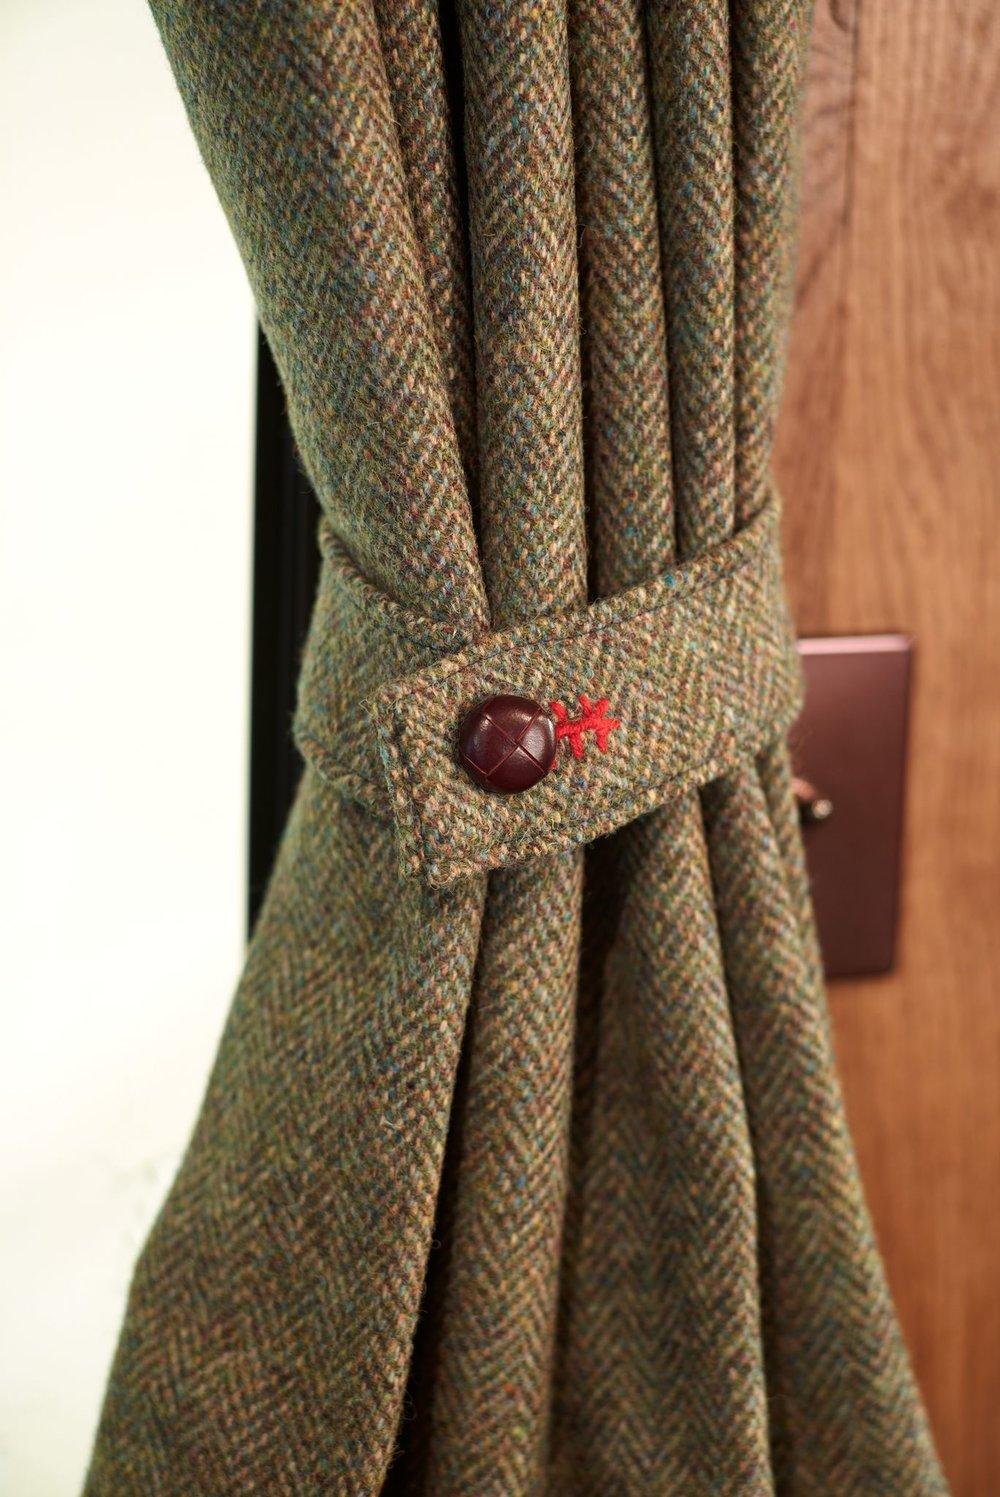 Bespoke tweed curtains